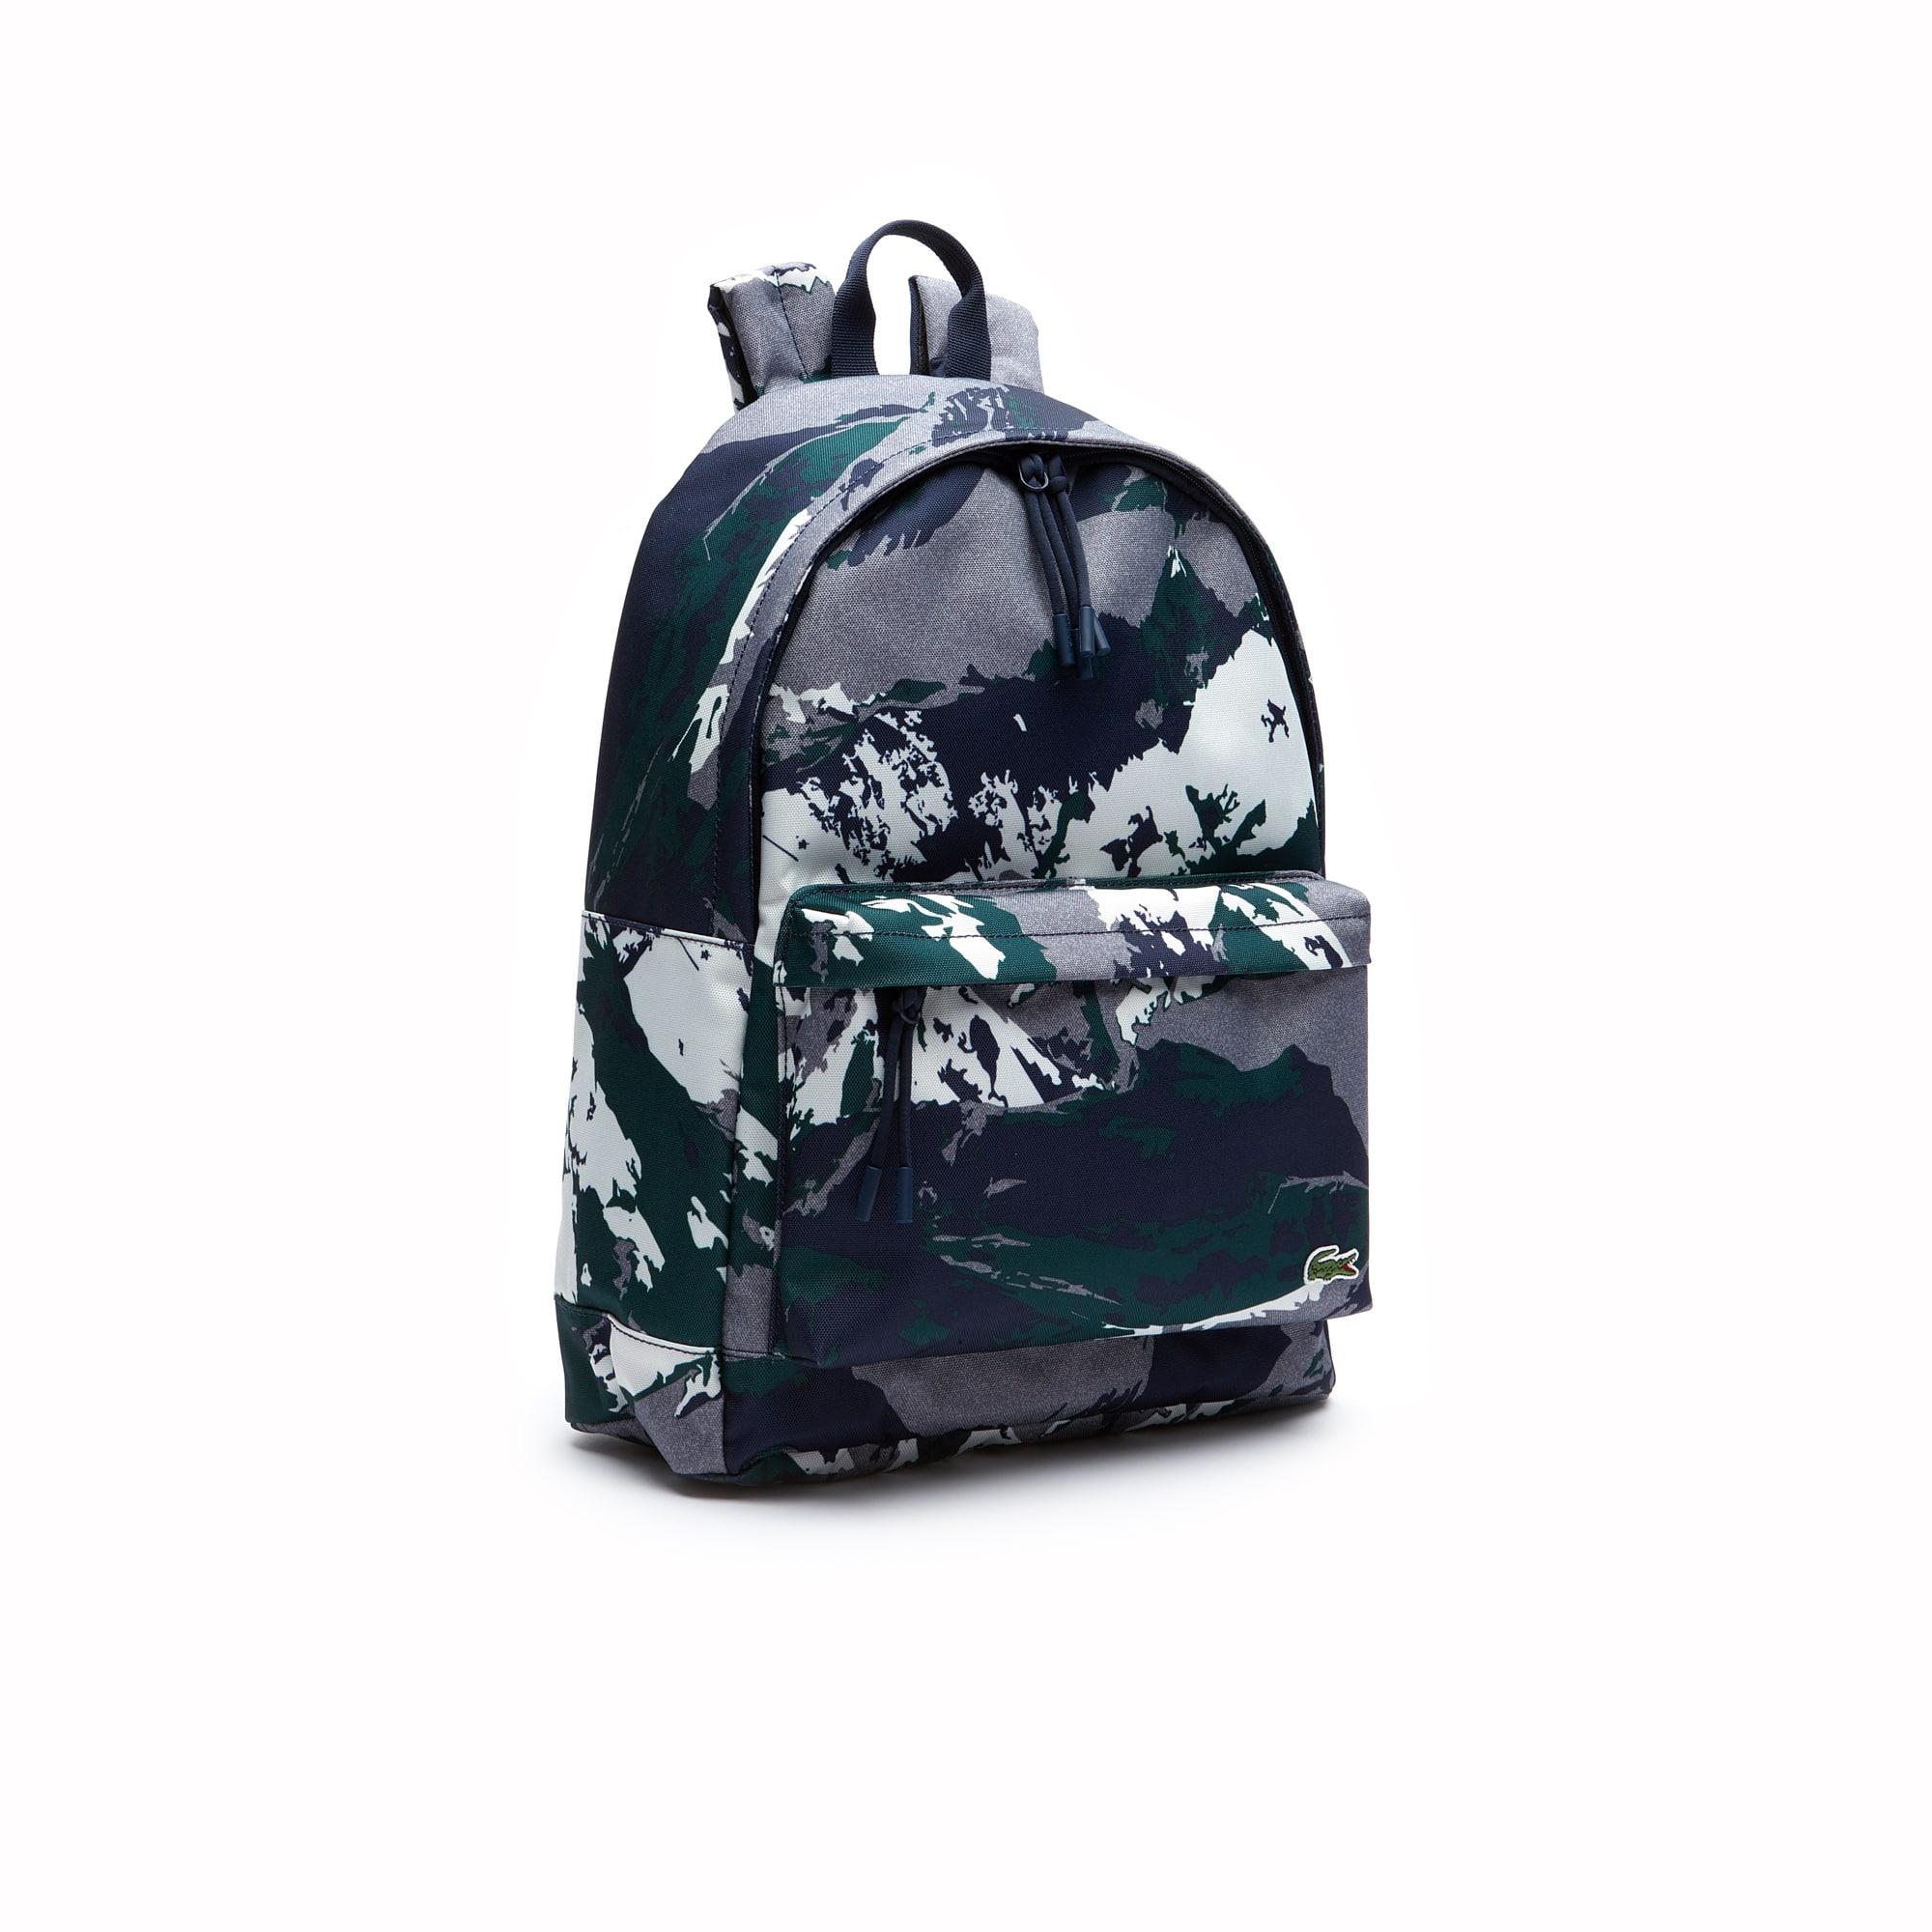 Lacoste - Herren NÉOCROC rucksack mit alpinem Print - 4